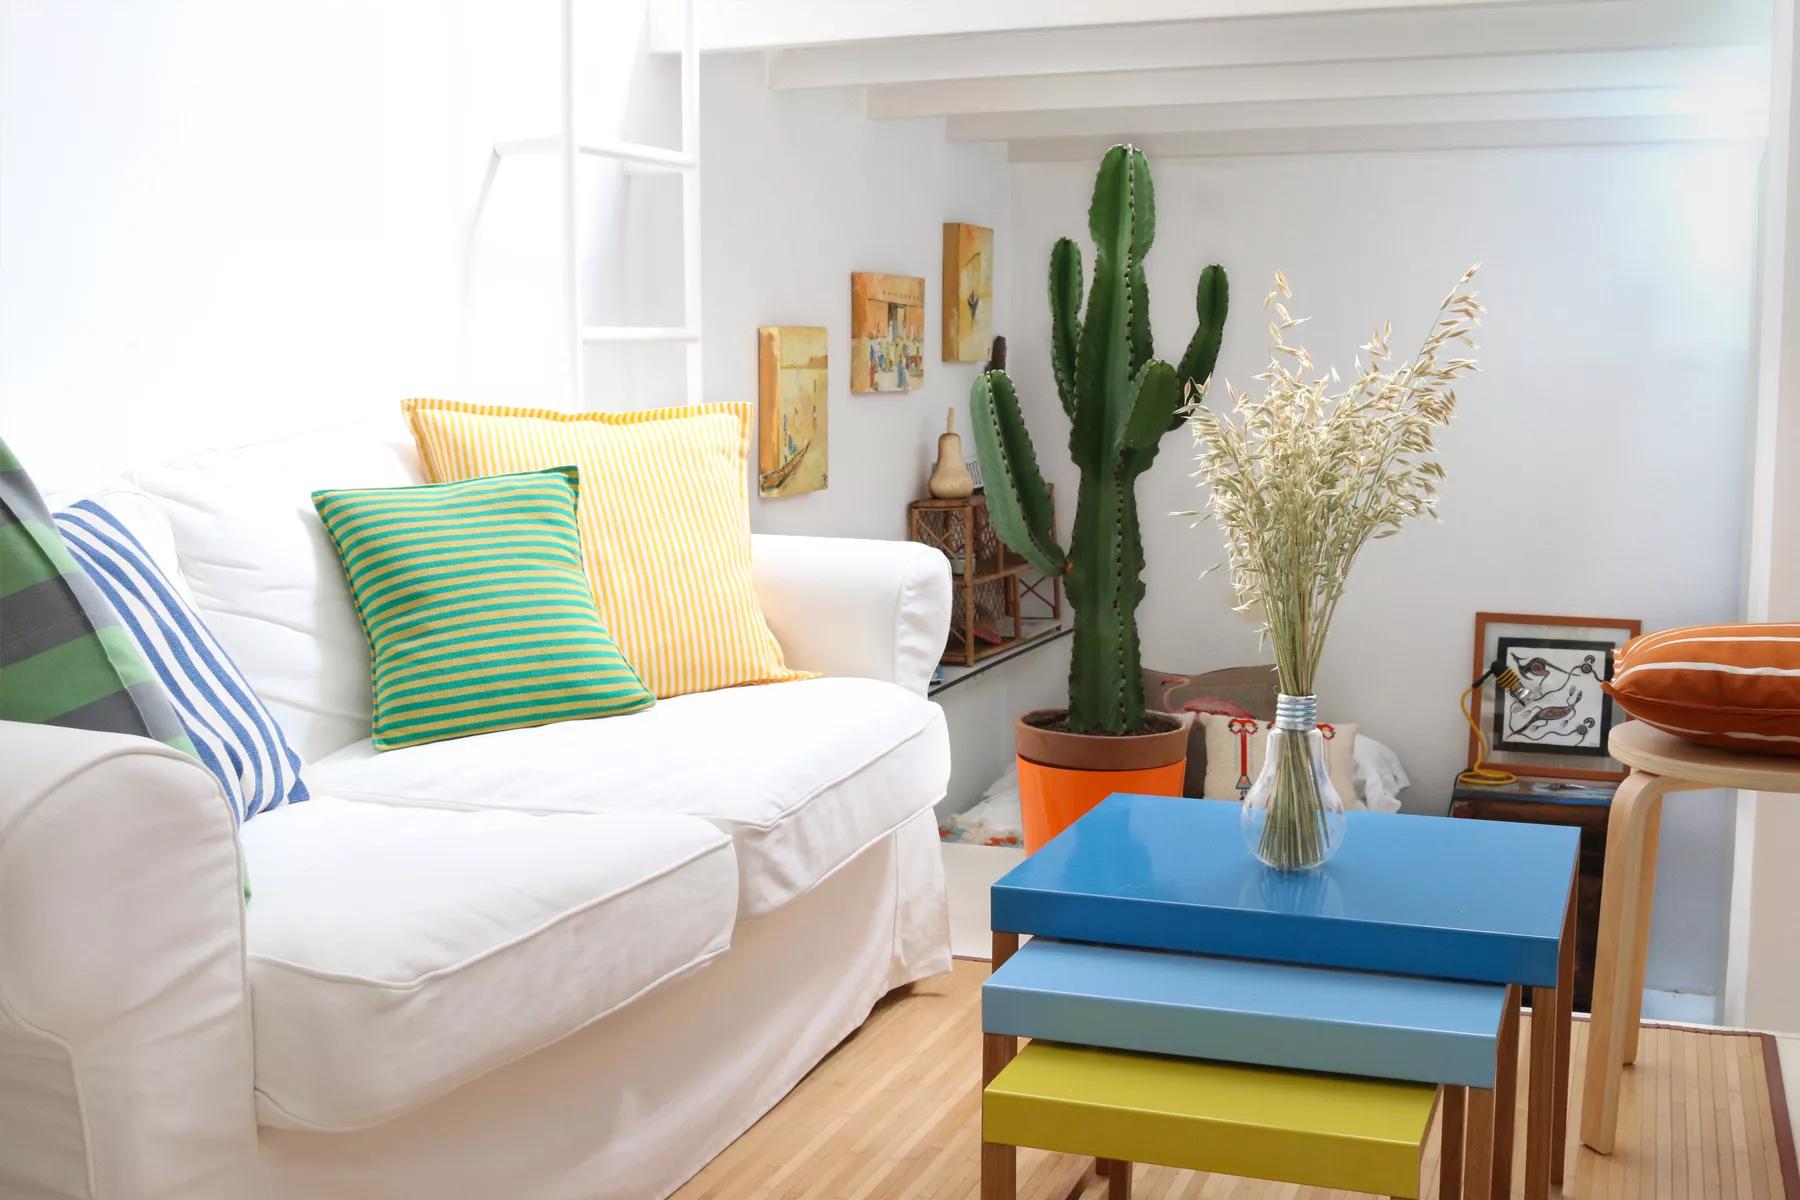 Những chiếc bàn bên lồng đầy màu sắc hoạt động như một bàn cà phê mở rộng. Một chiếc ghế đẩu bằng gỗ uốn cong nhỏ của IKEA có thêm một chỗ ngồi.